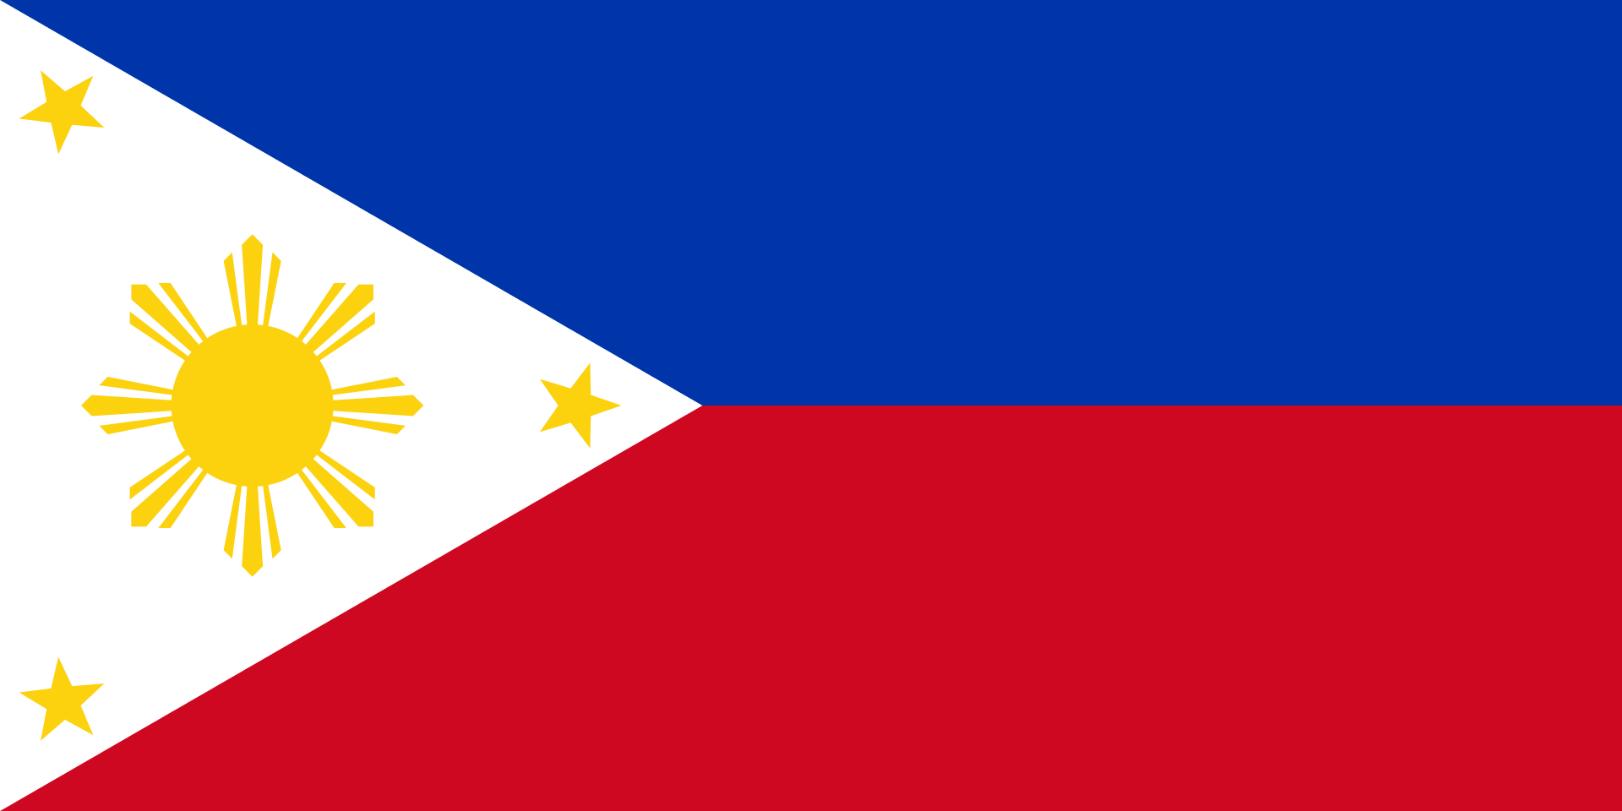 Flagge im Querformat Land Philippinen 150x100 cm